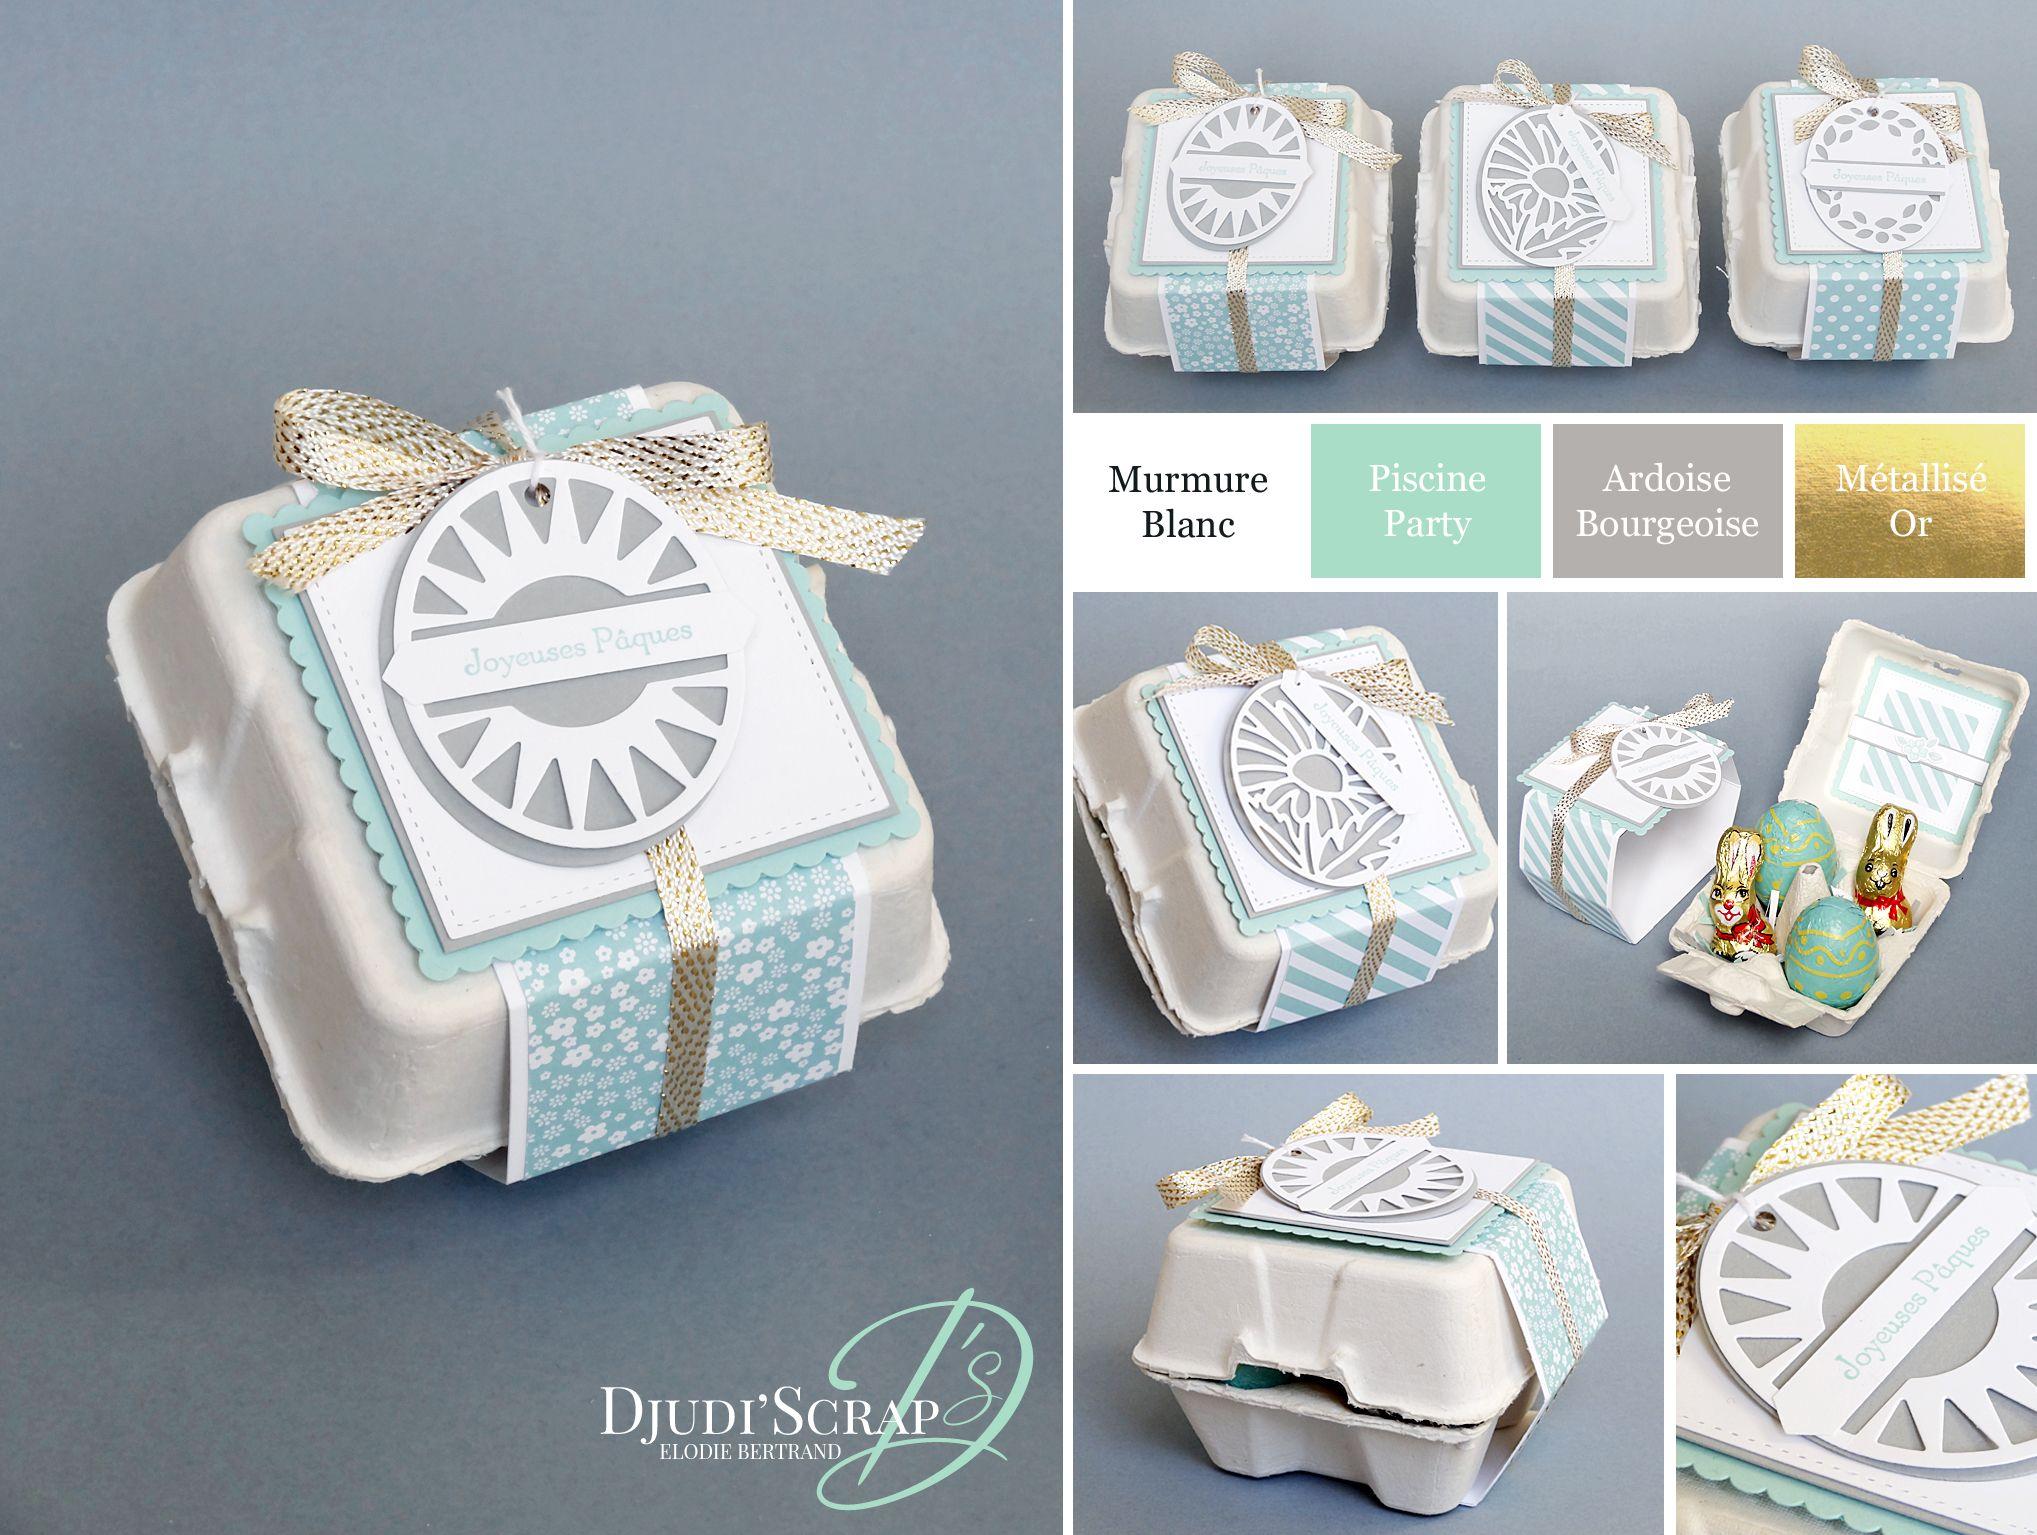 Mini Boite A Oeufs Paques Thinlits Etiquettes Intemporelles Boite A Oeuf Idees Pour Paques Boite